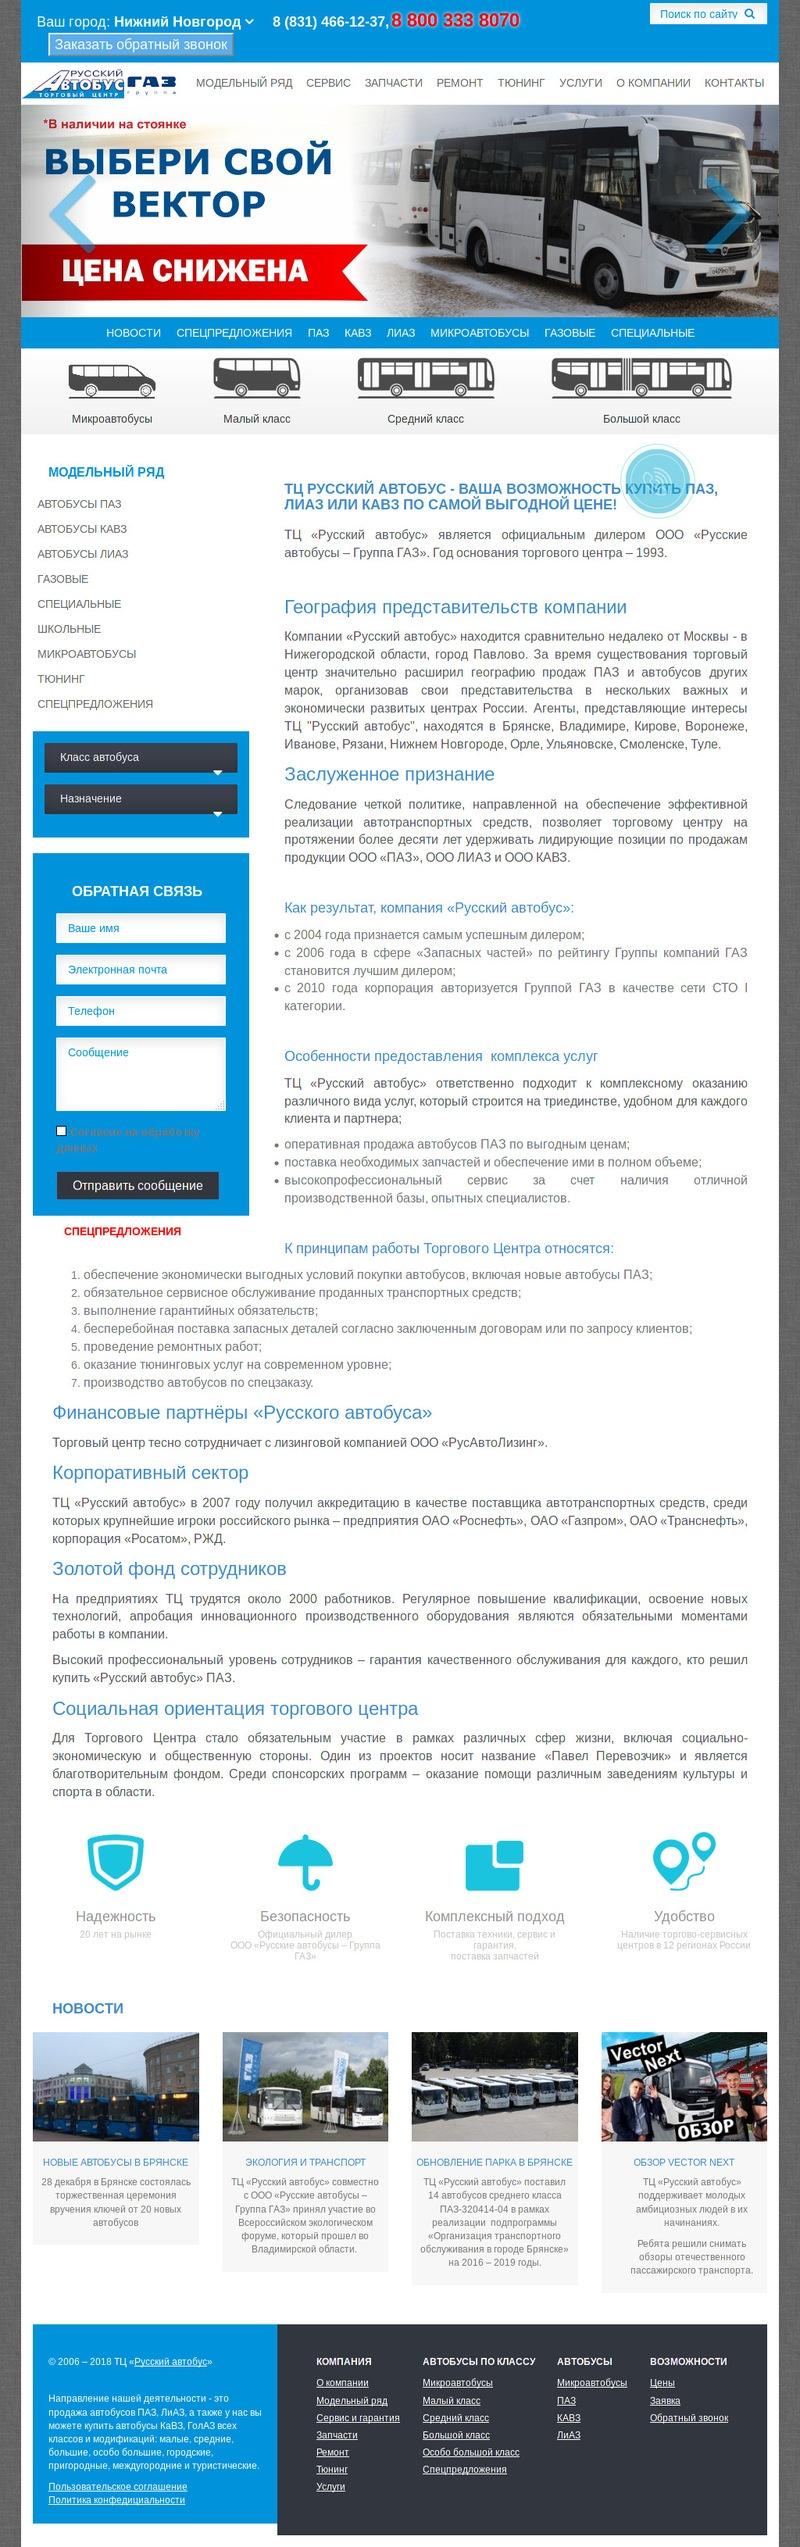 Внесение изменений в сайт (Yii2)